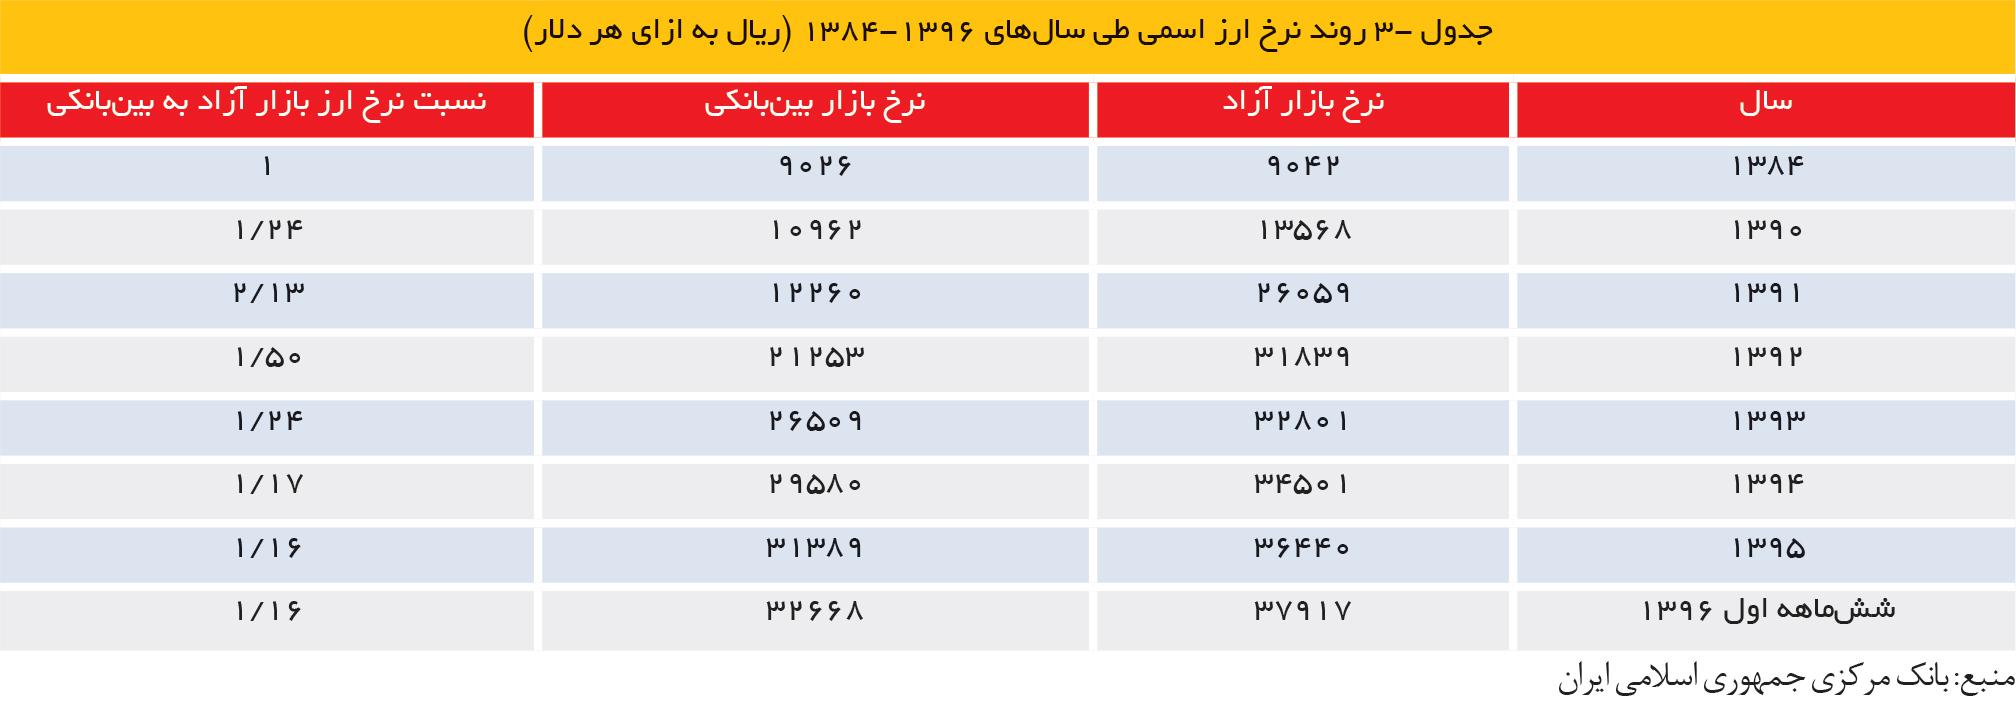 تجارت فردا- جدول -3 روند نرخ ارز اسمی طی سالهای 1396-1384 (ریال به ازای هر دلار)